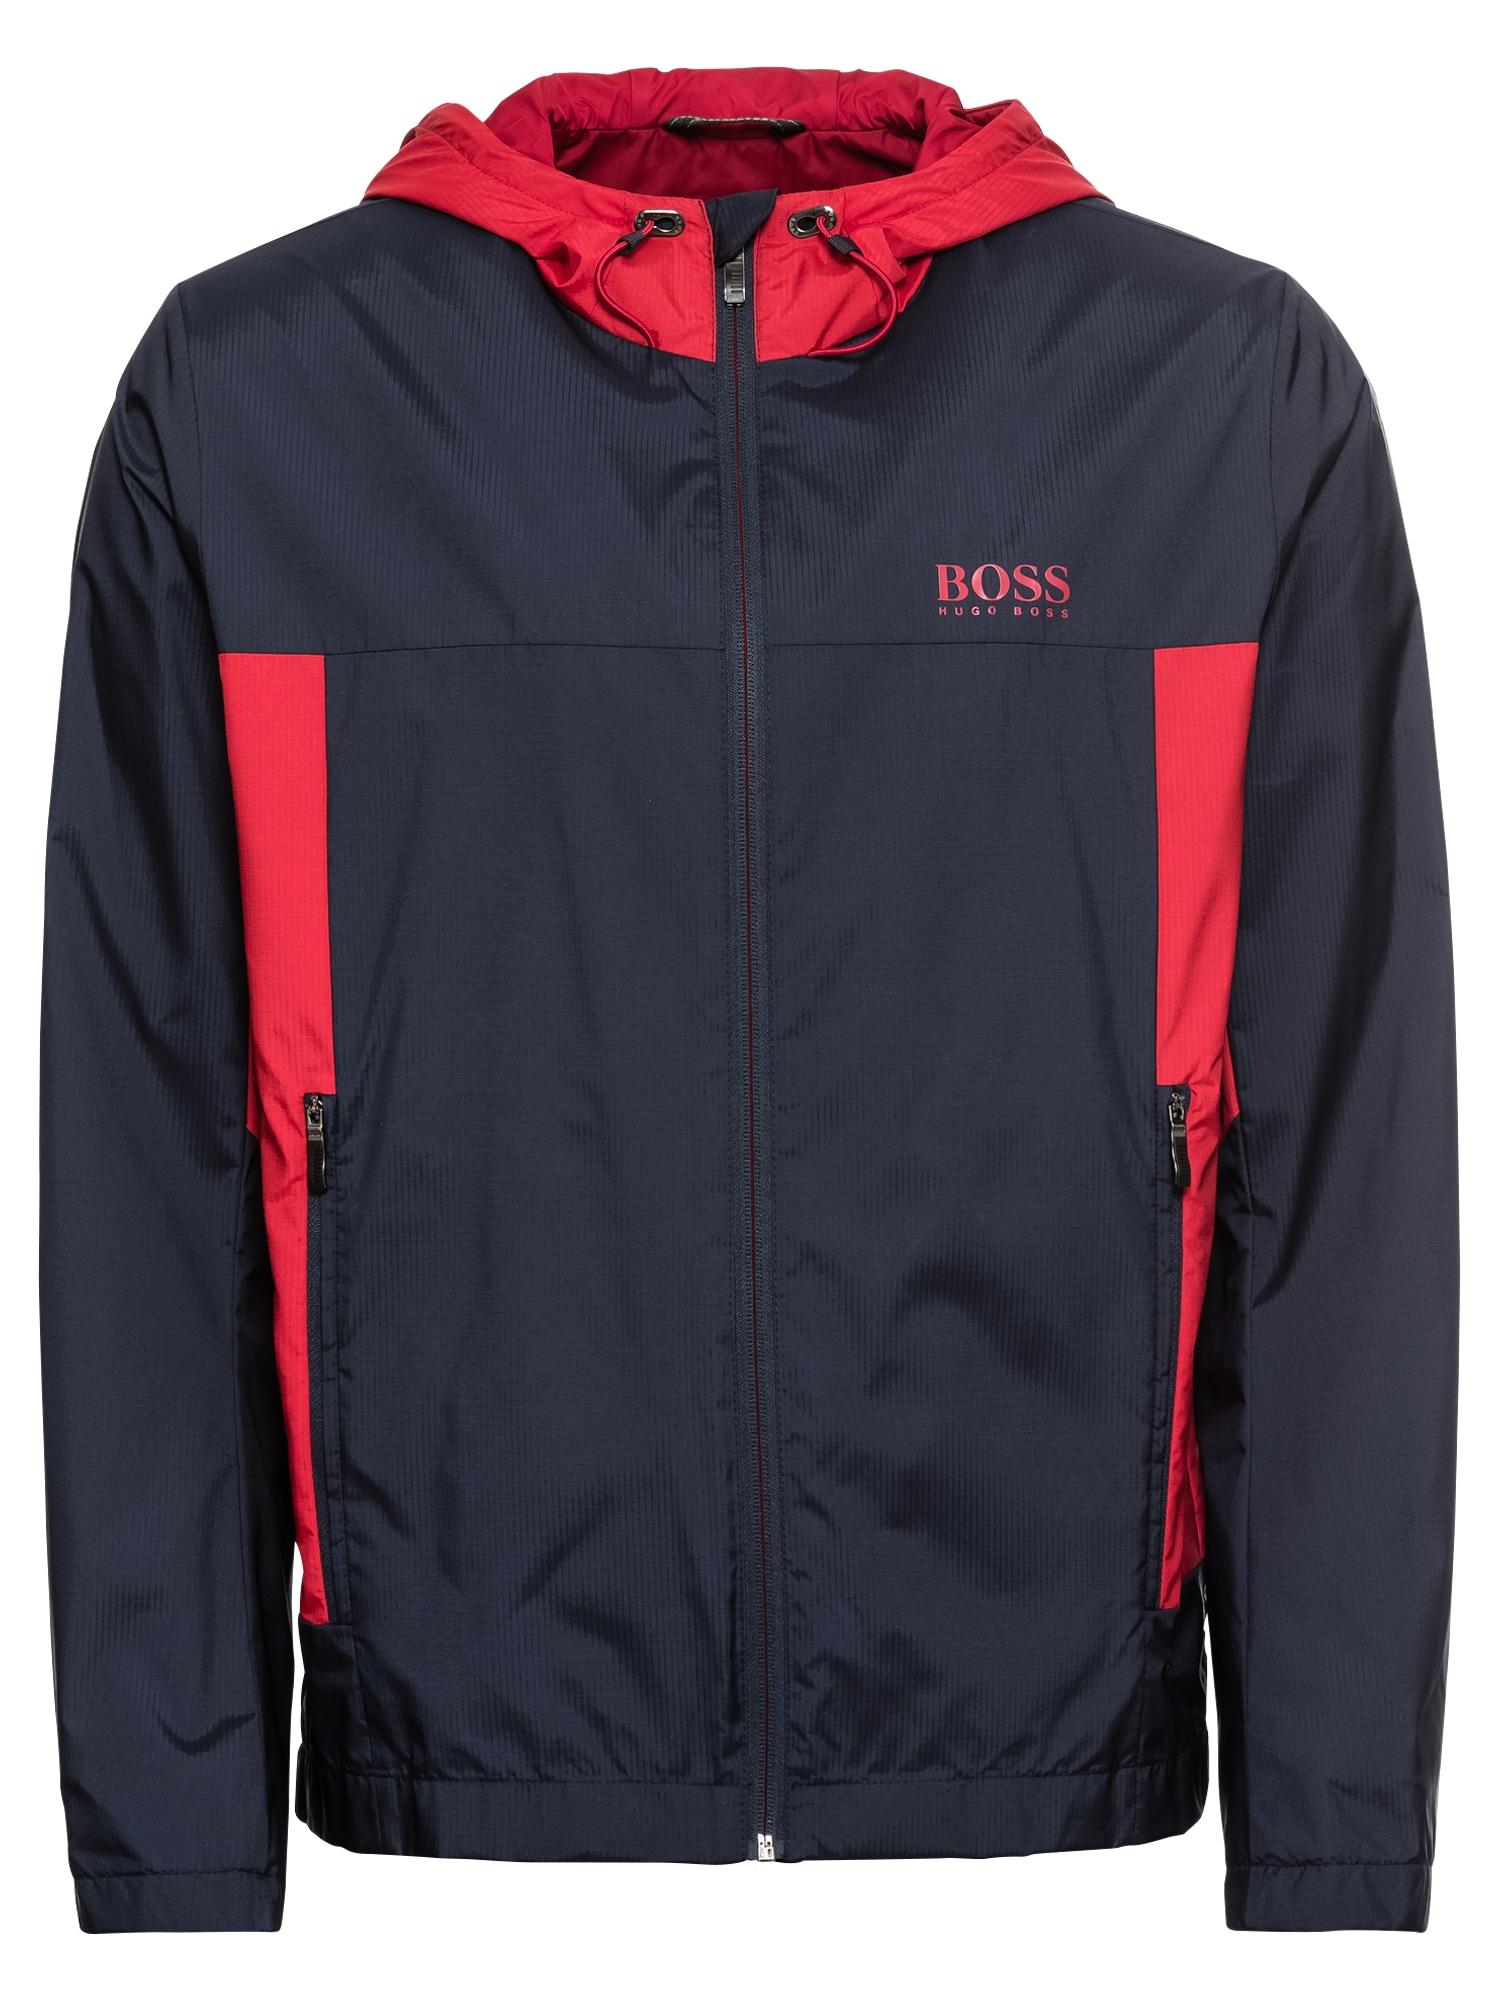 Přechodná bunda Jeltech námořnická modř červená BOSS